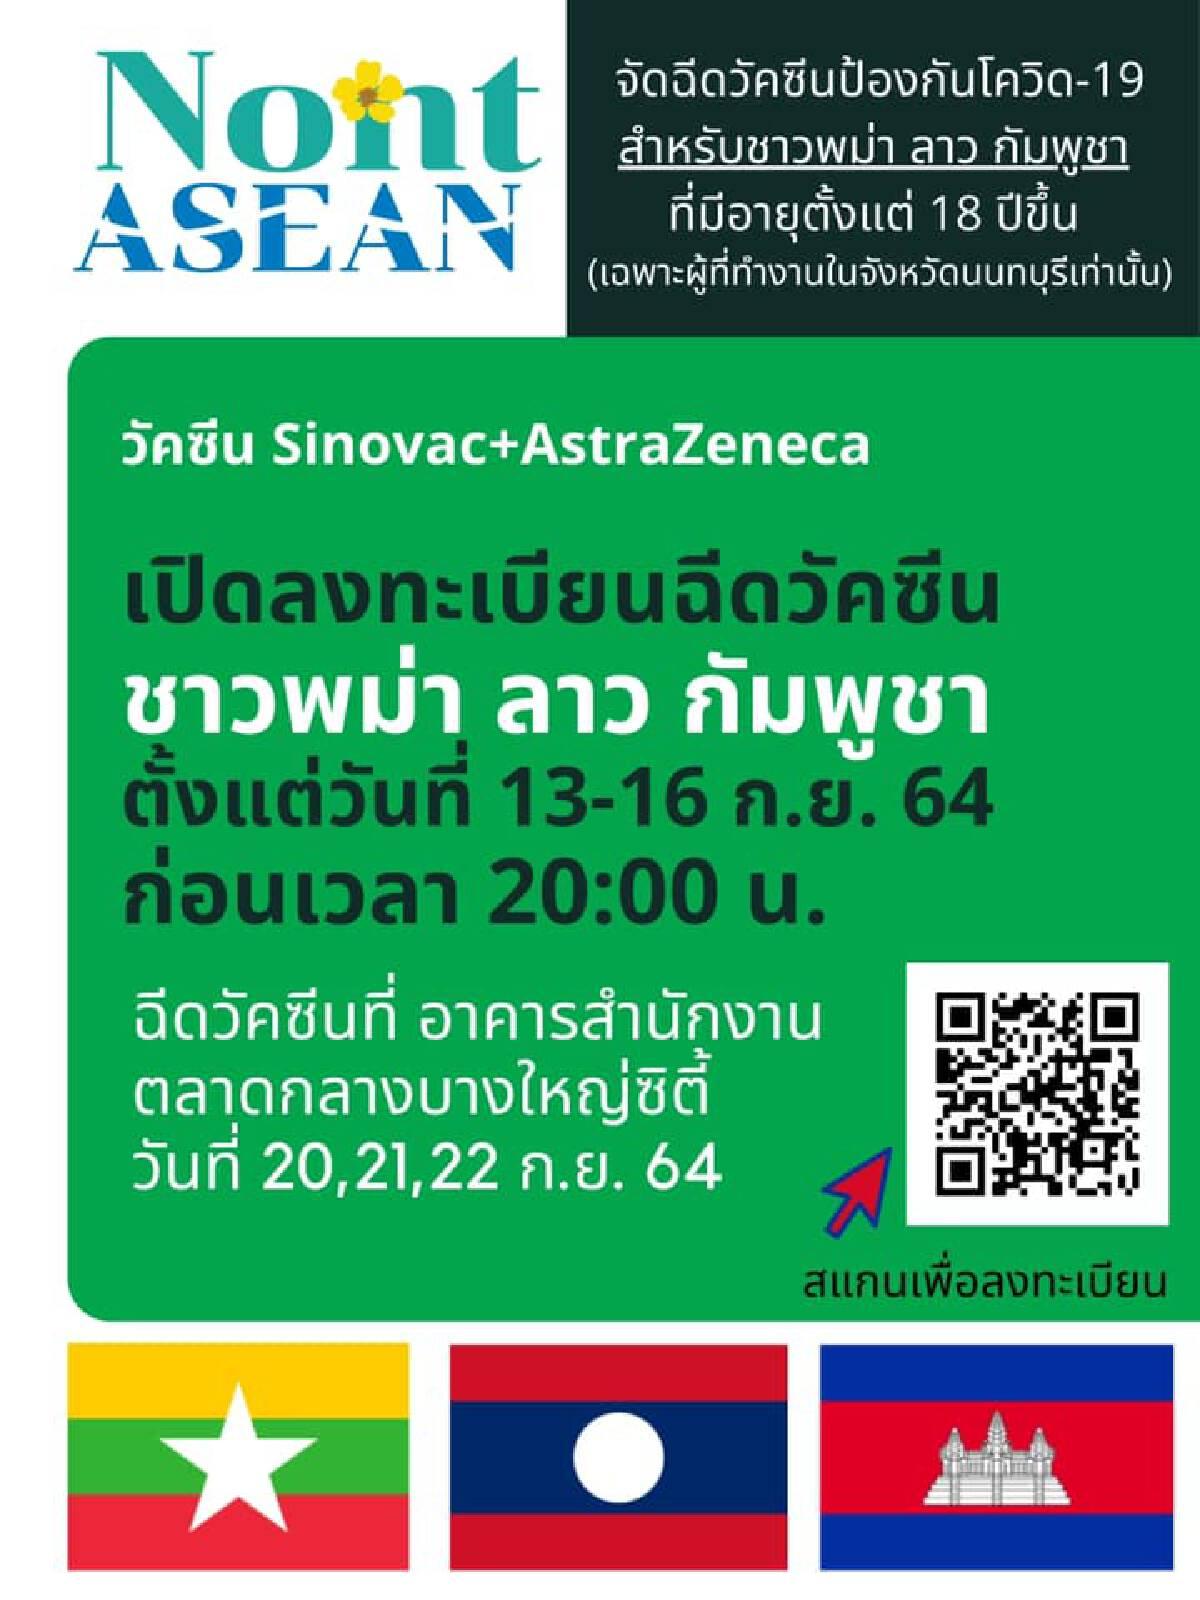 เช็คที่นี่ นนท์ ASEAN เปิดลงทะเบียนฉีดวัคซีนโควิดเข็มที่ 1 ใครบ้างได้สิทธิ์